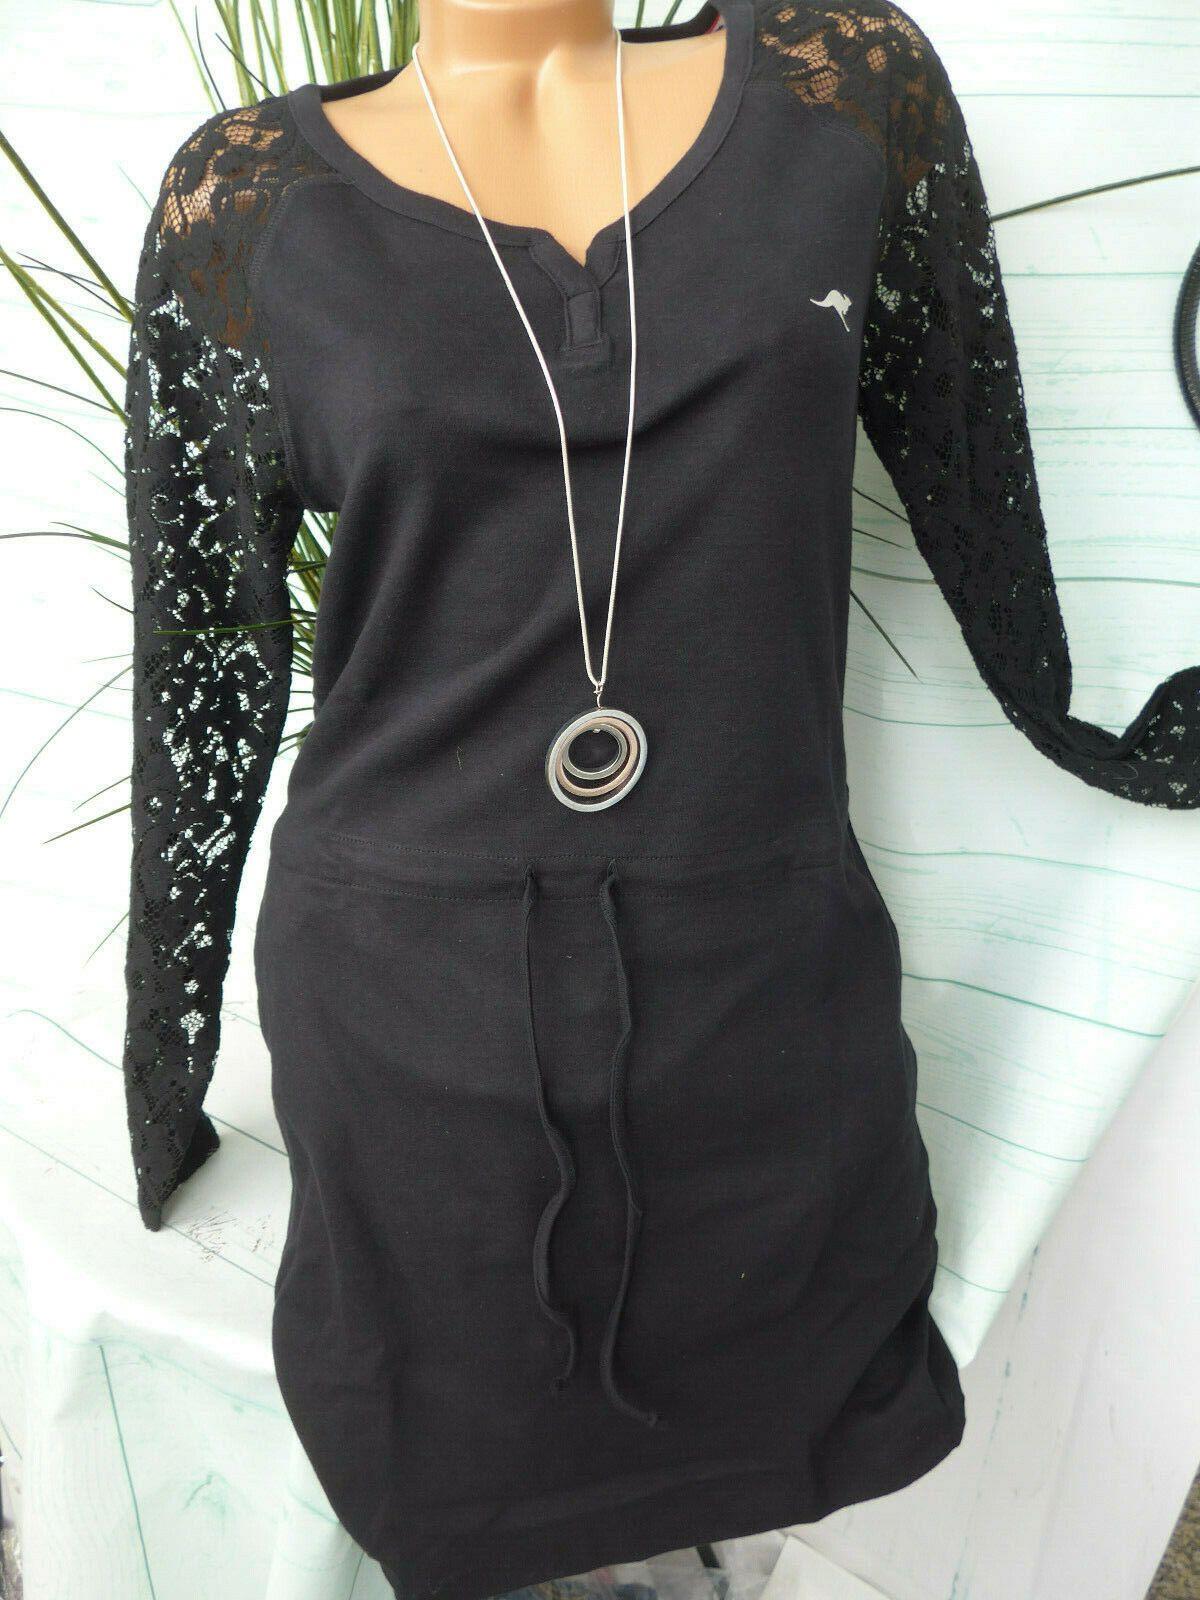 Formal Top Schwarzes Kleid Größe 50 Bester Preis17 Fantastisch Schwarzes Kleid Größe 50 Boutique